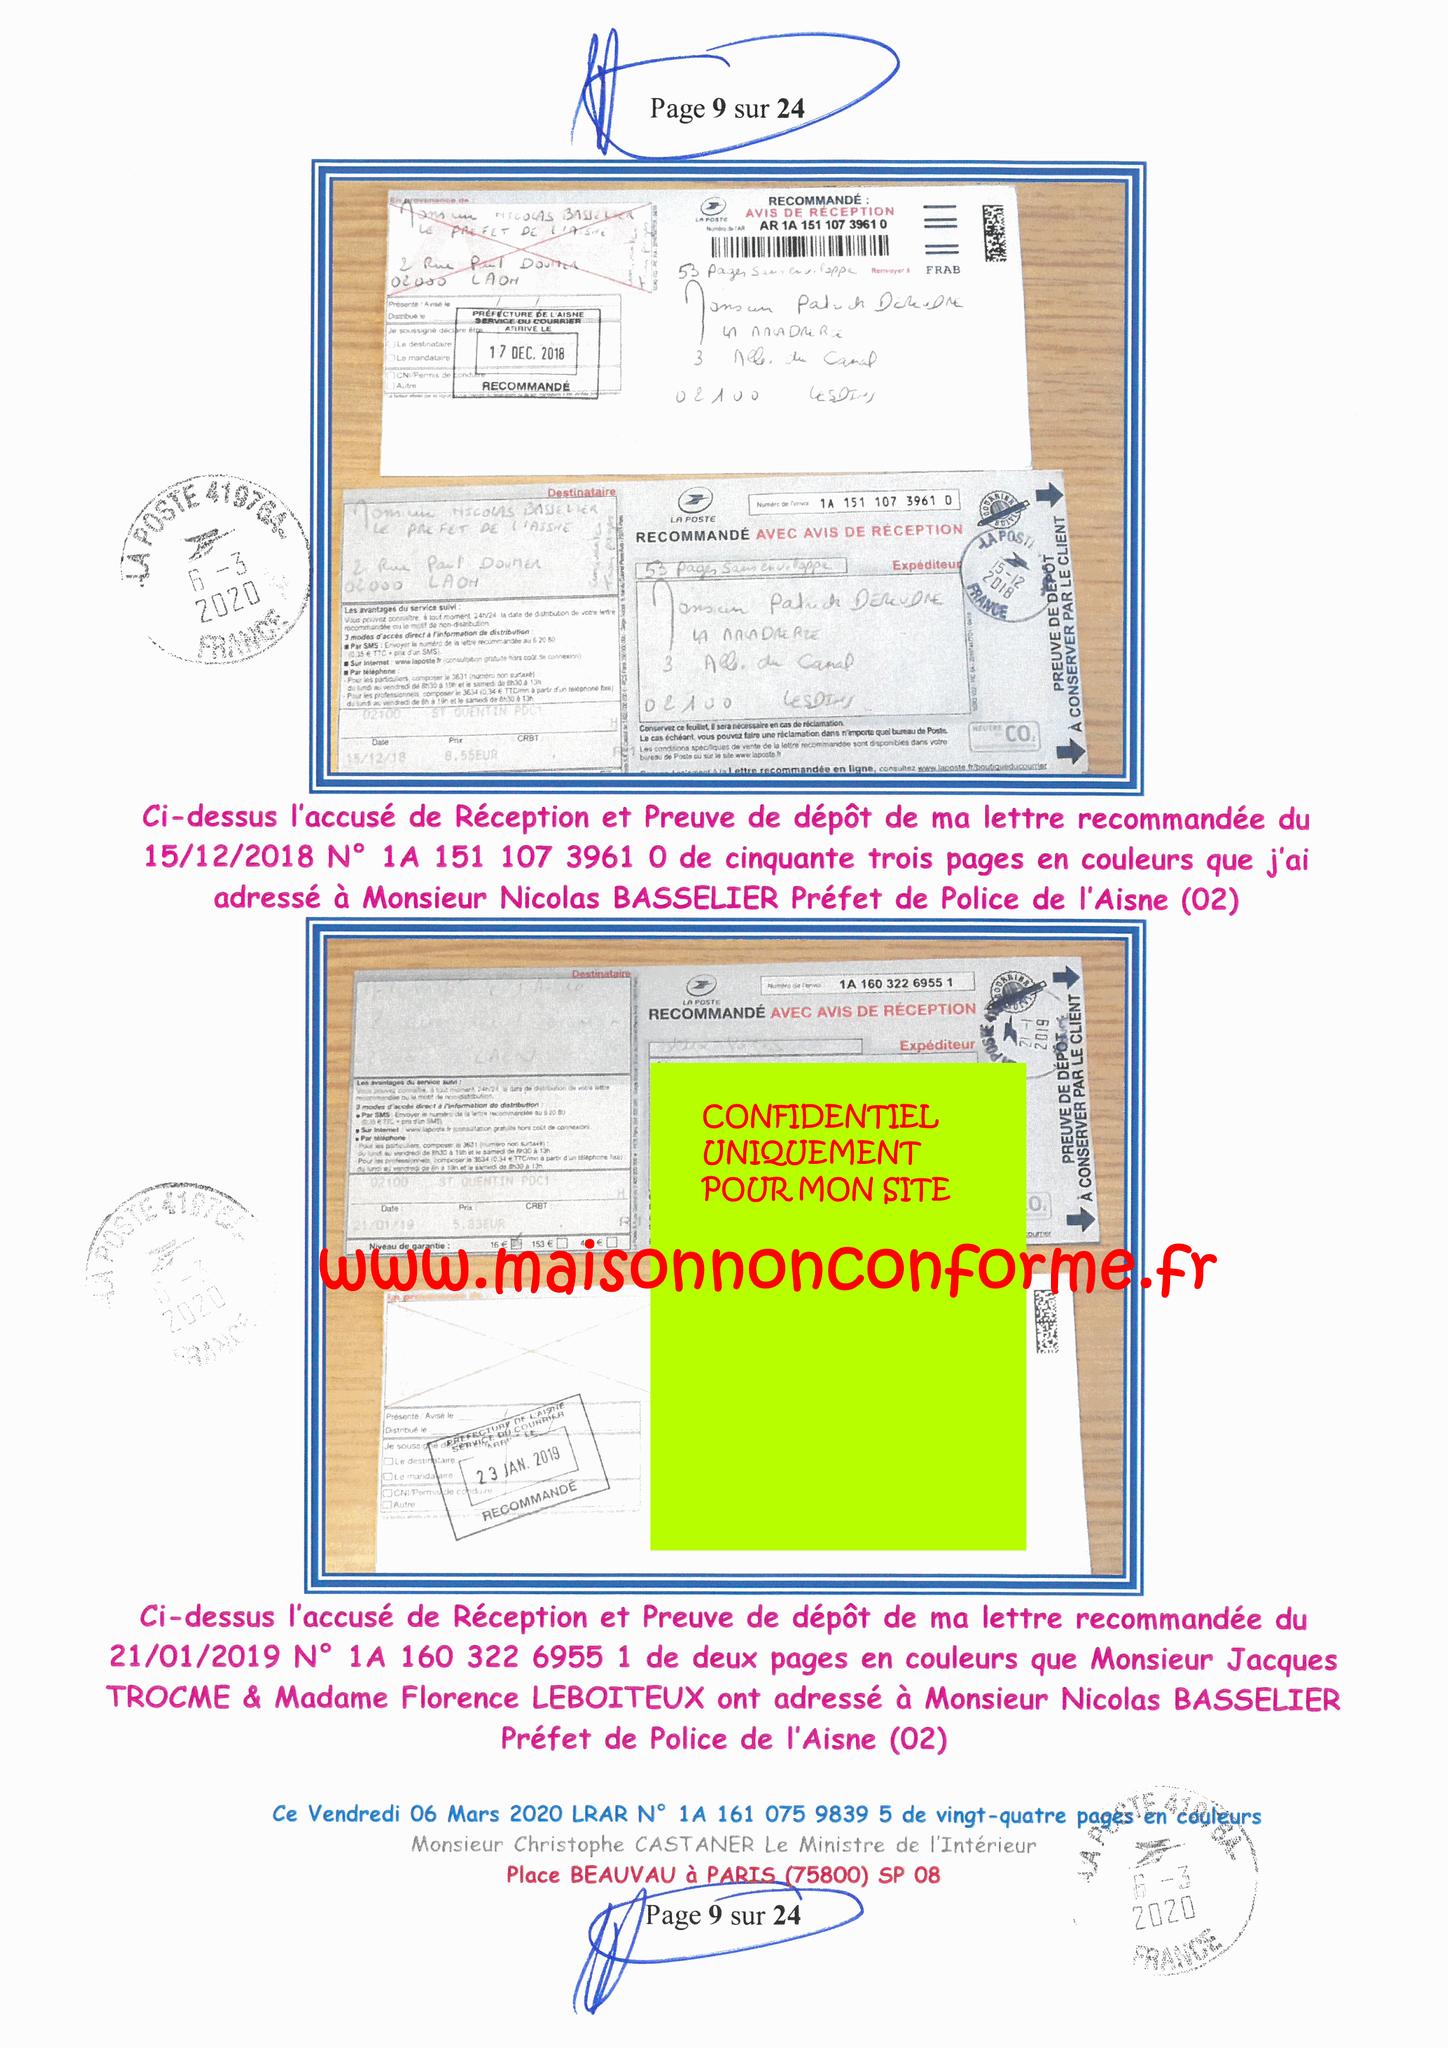 Ma LRAR à Monsieur le Ministre de l'Intérieur Christophe CASTANER N°1A 161 075 9839 5  Page 9 sur 24 en couleur du 06 Mars 2020  www.jesuispatrick.fr www.jesuisvictime.fr www.alerte-rouge-france.fr